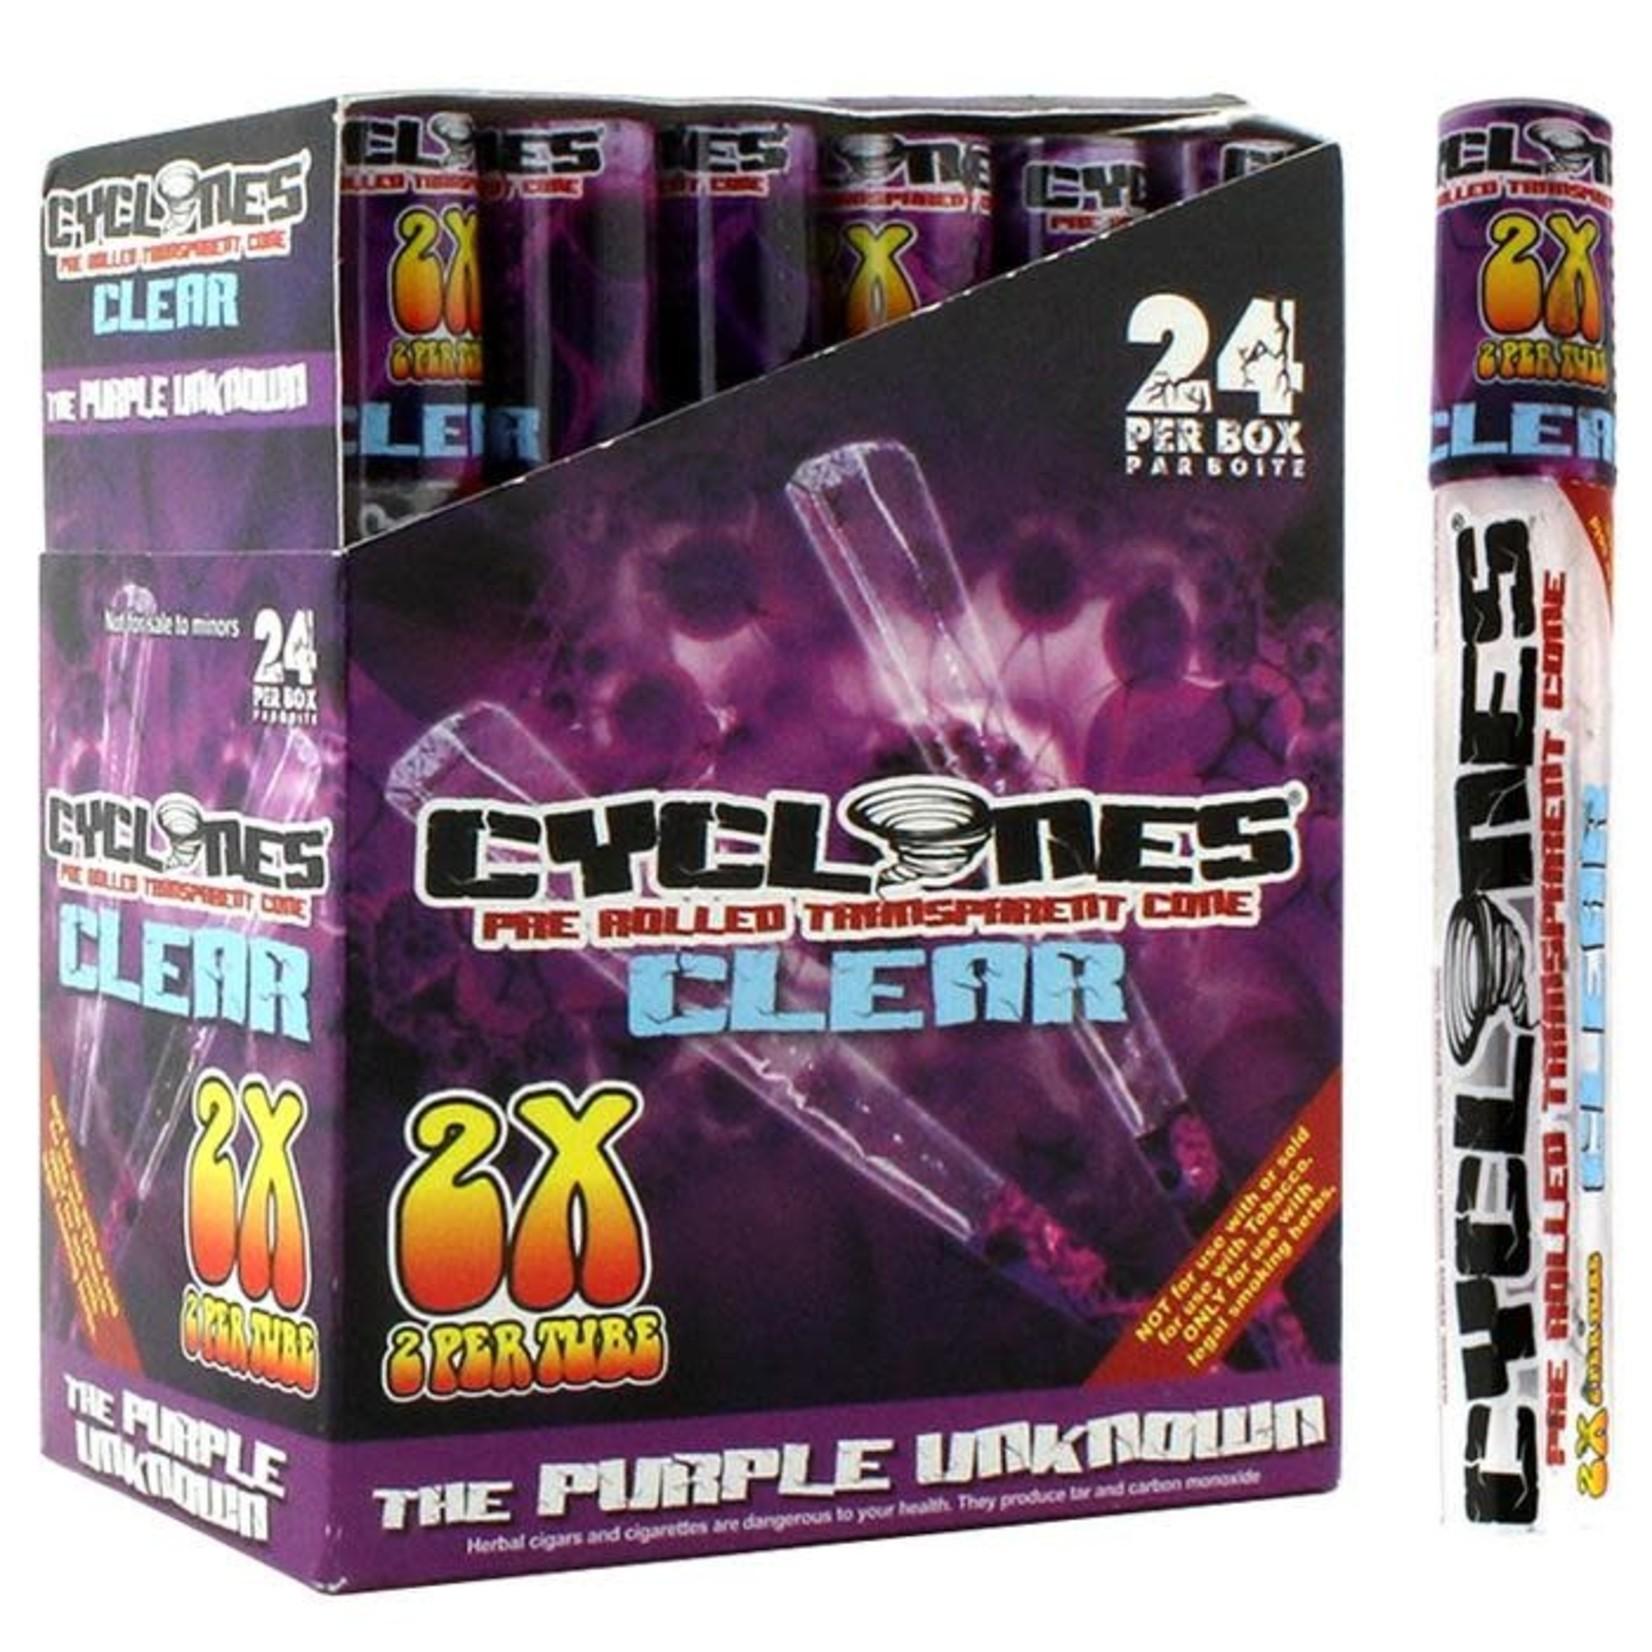 CYCLONES CYCLONES PURPLE UNKNOWN